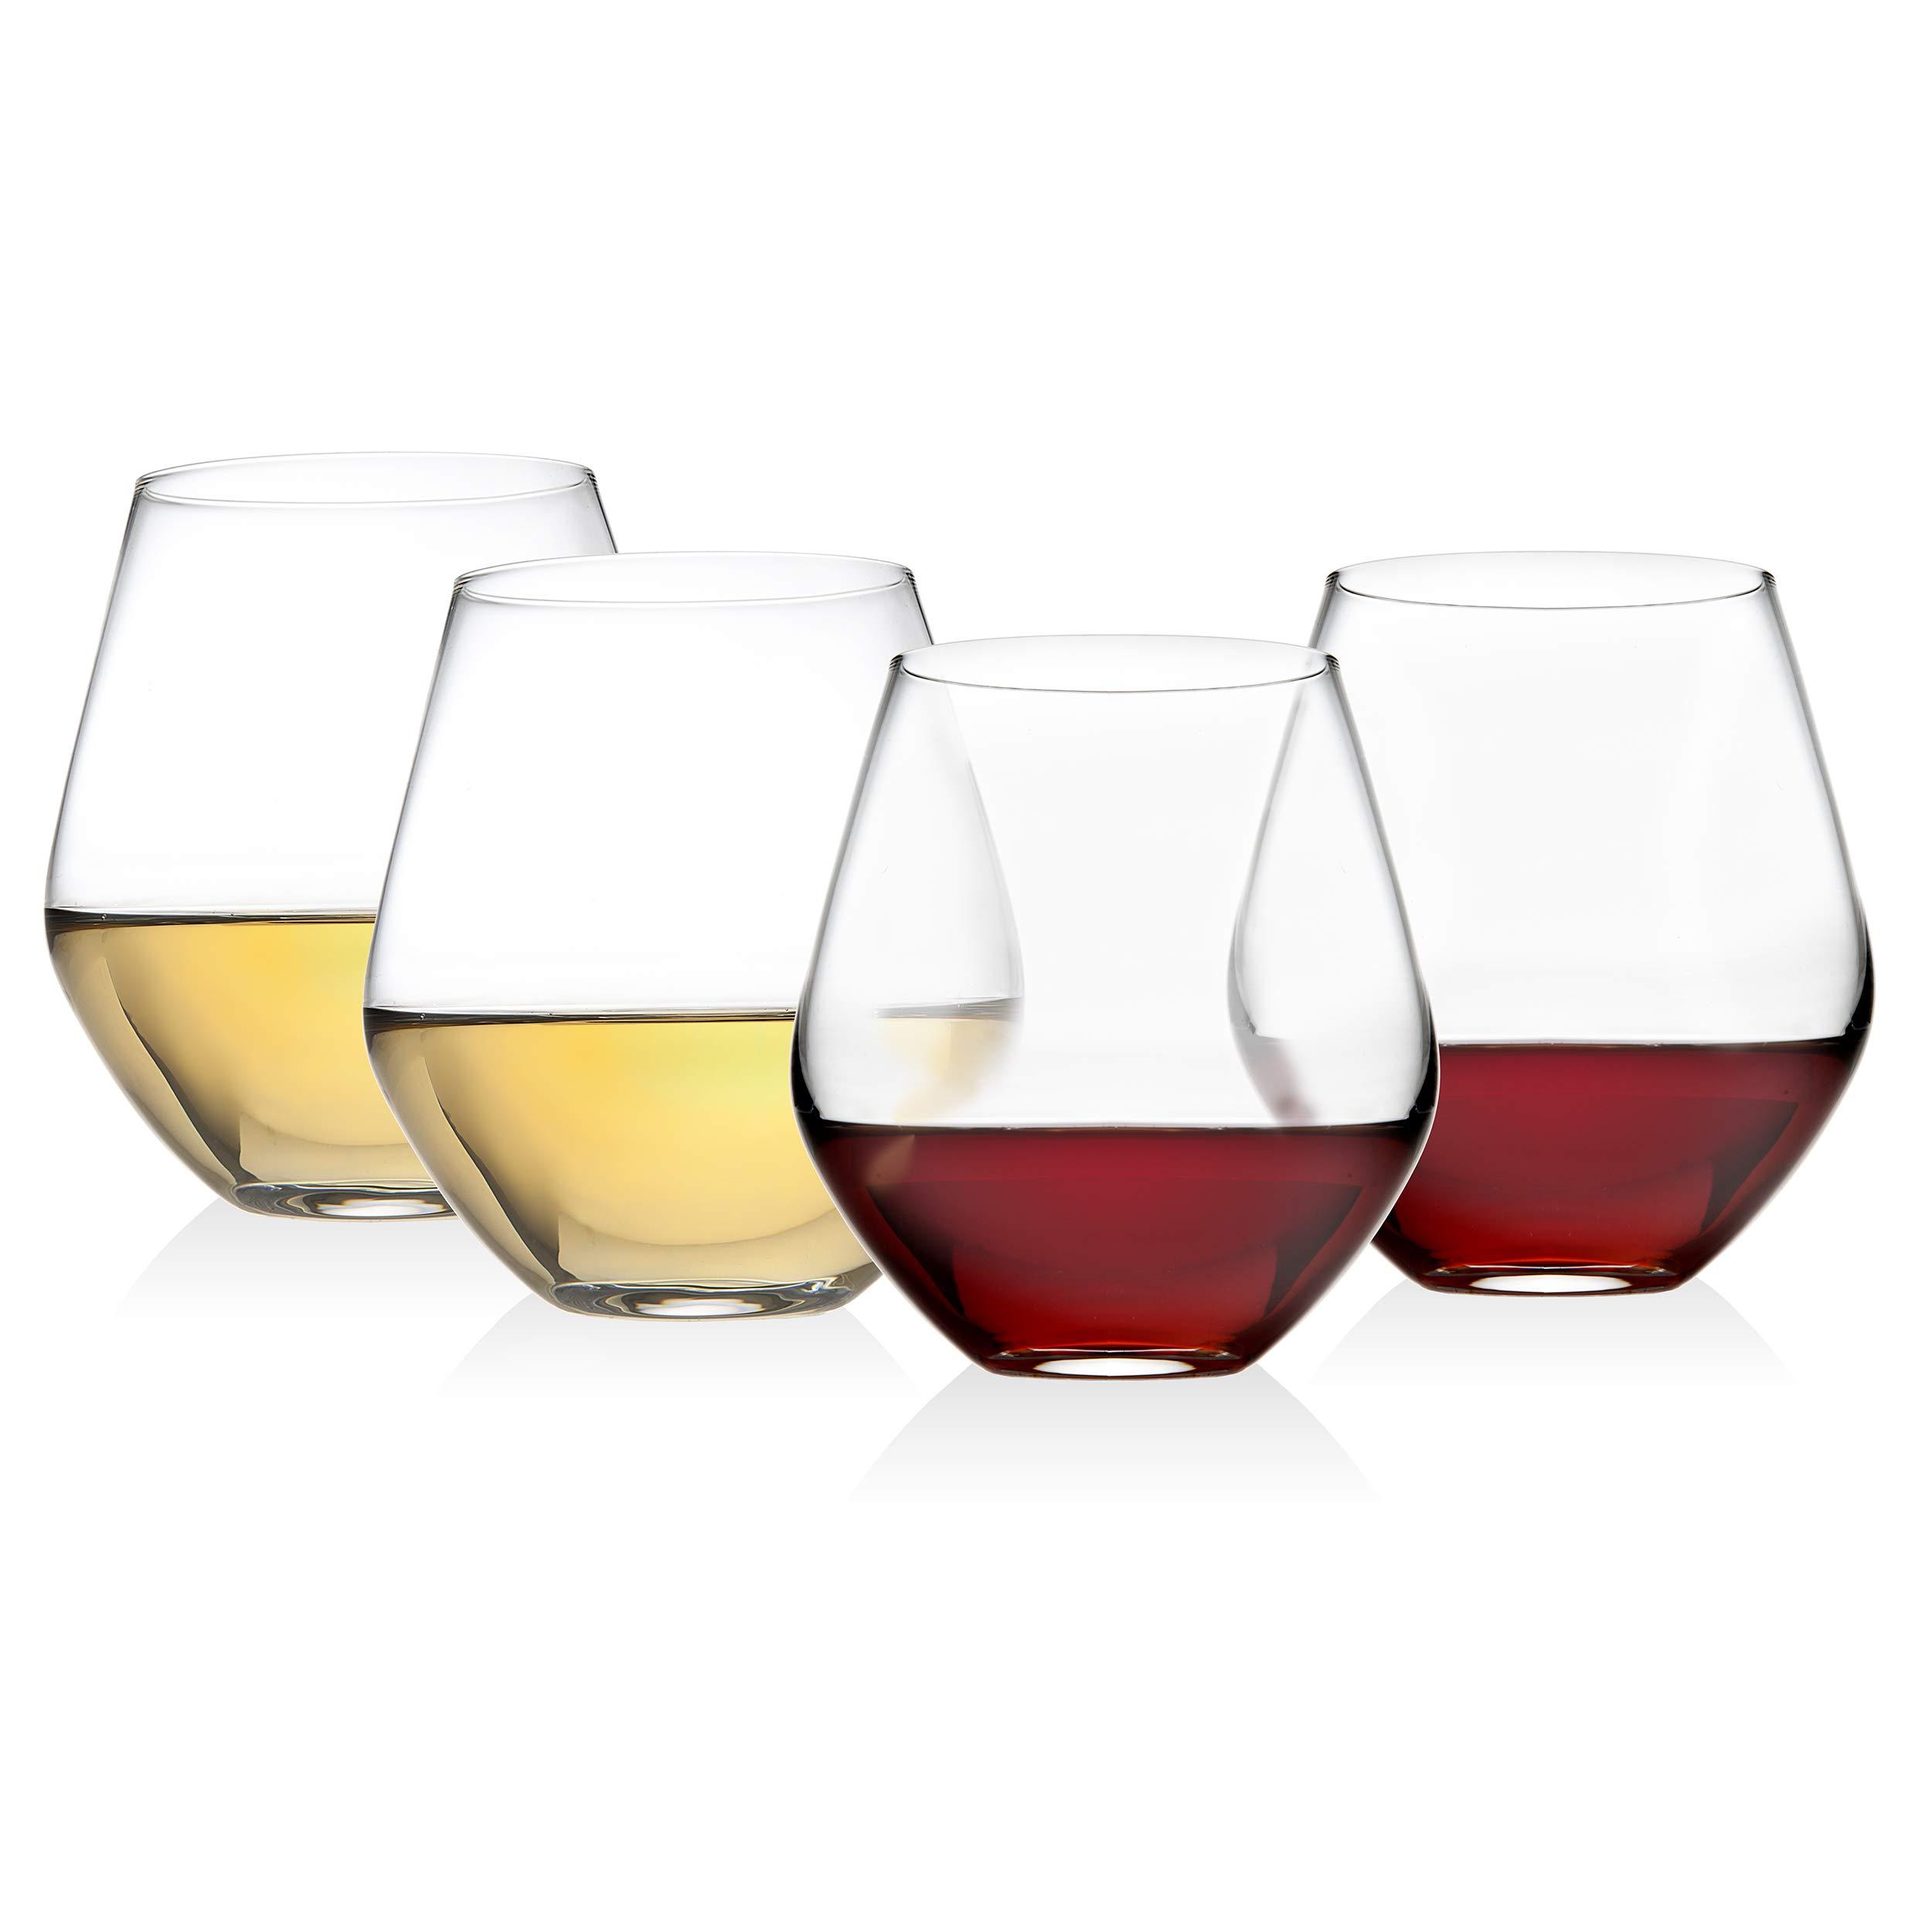 Godinger Wine Glasses, Stemless Goblet Beverage Cups, European Made - 18oz, SET OF 4